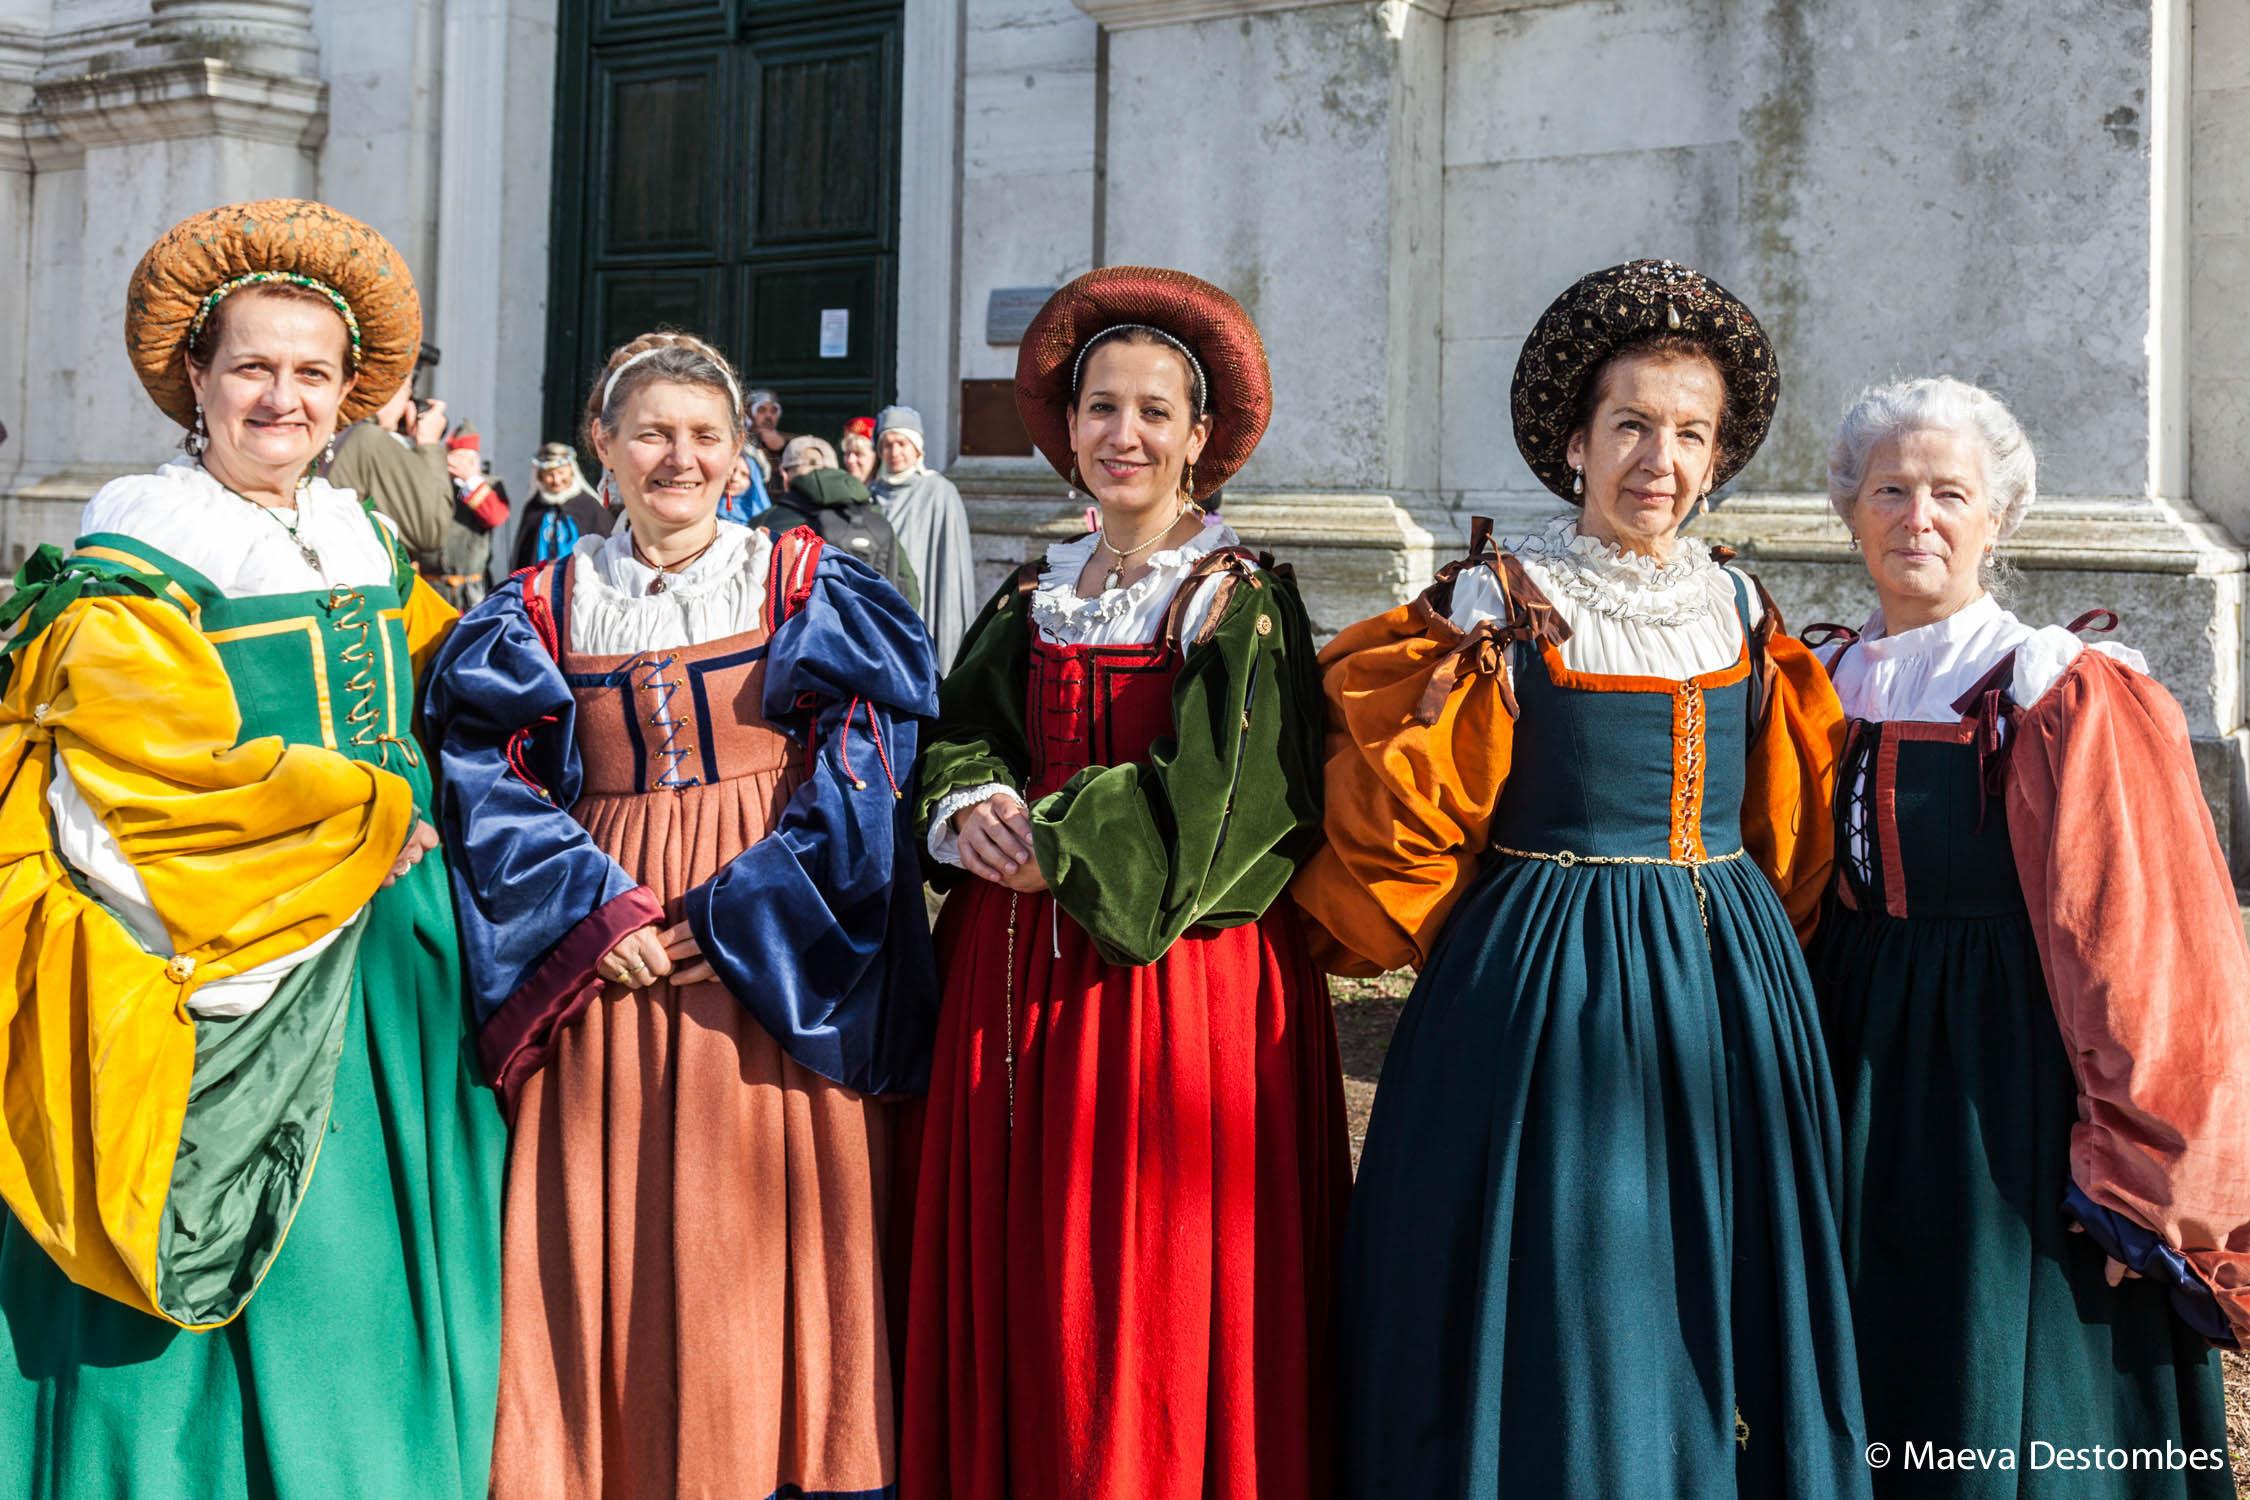 Cinq femmes habillées de costumes médiévaux lors du carnaval de Venise